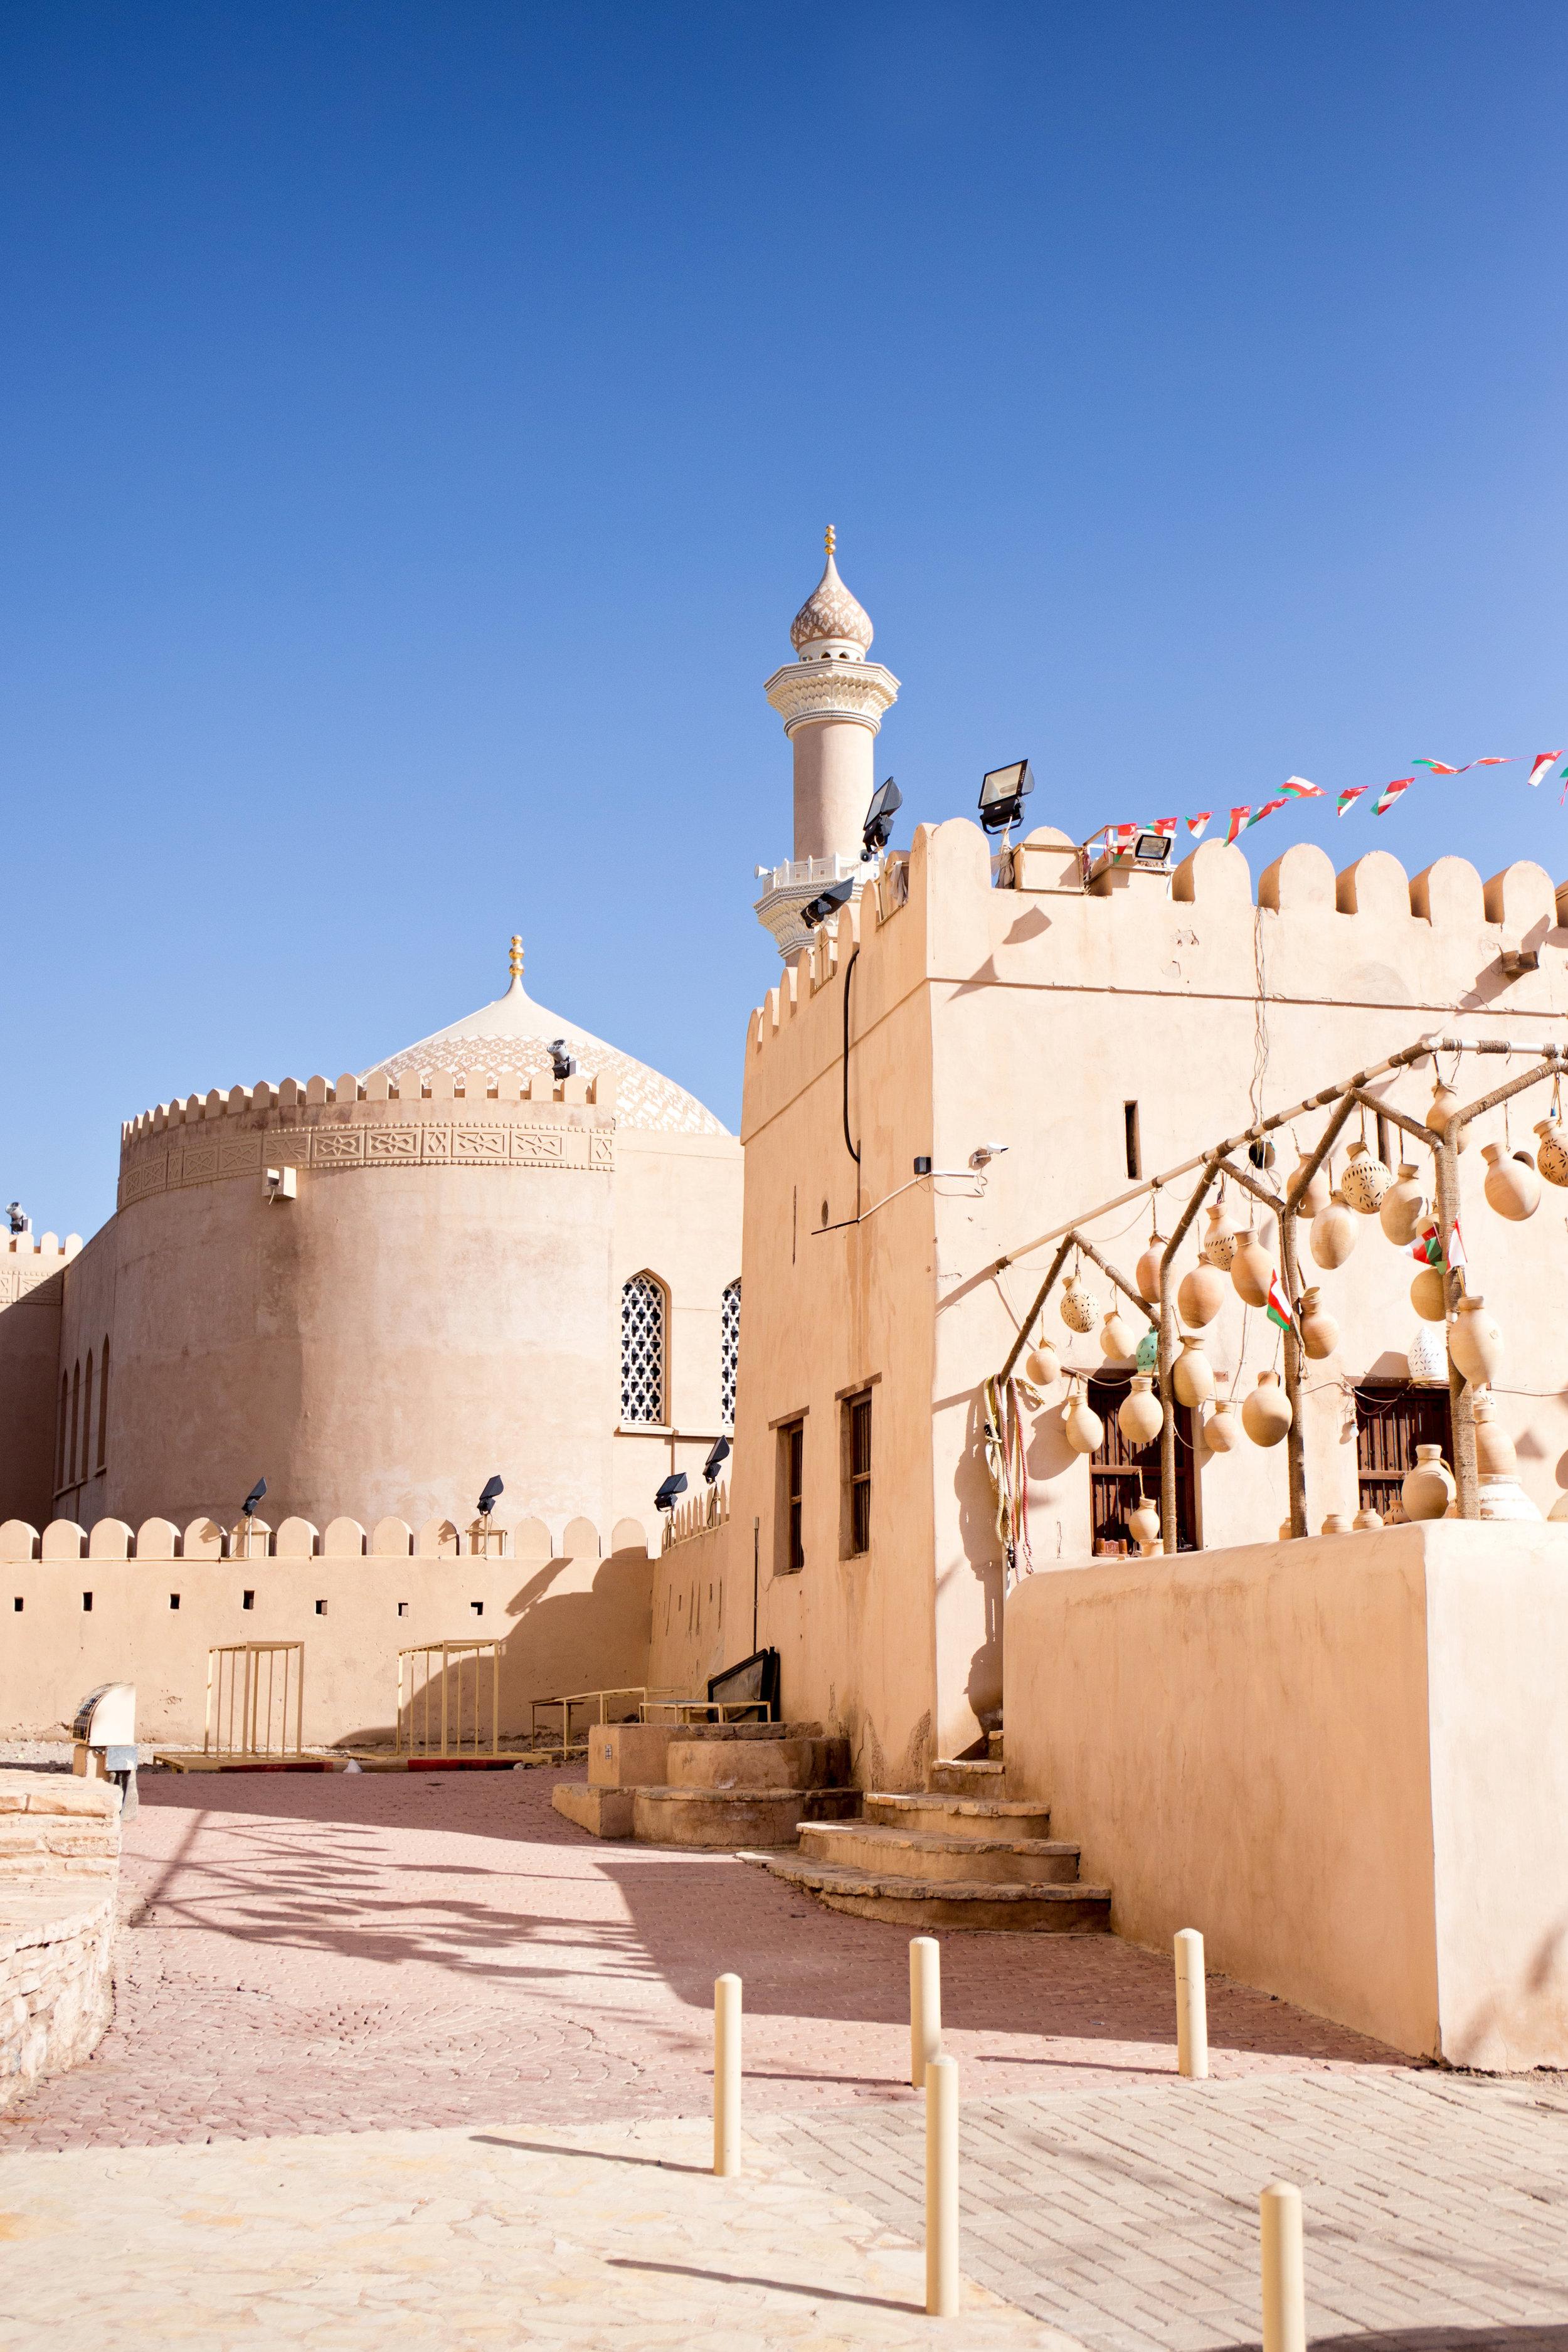 Nizwa Fort in Nizwa (former capital of Oman)